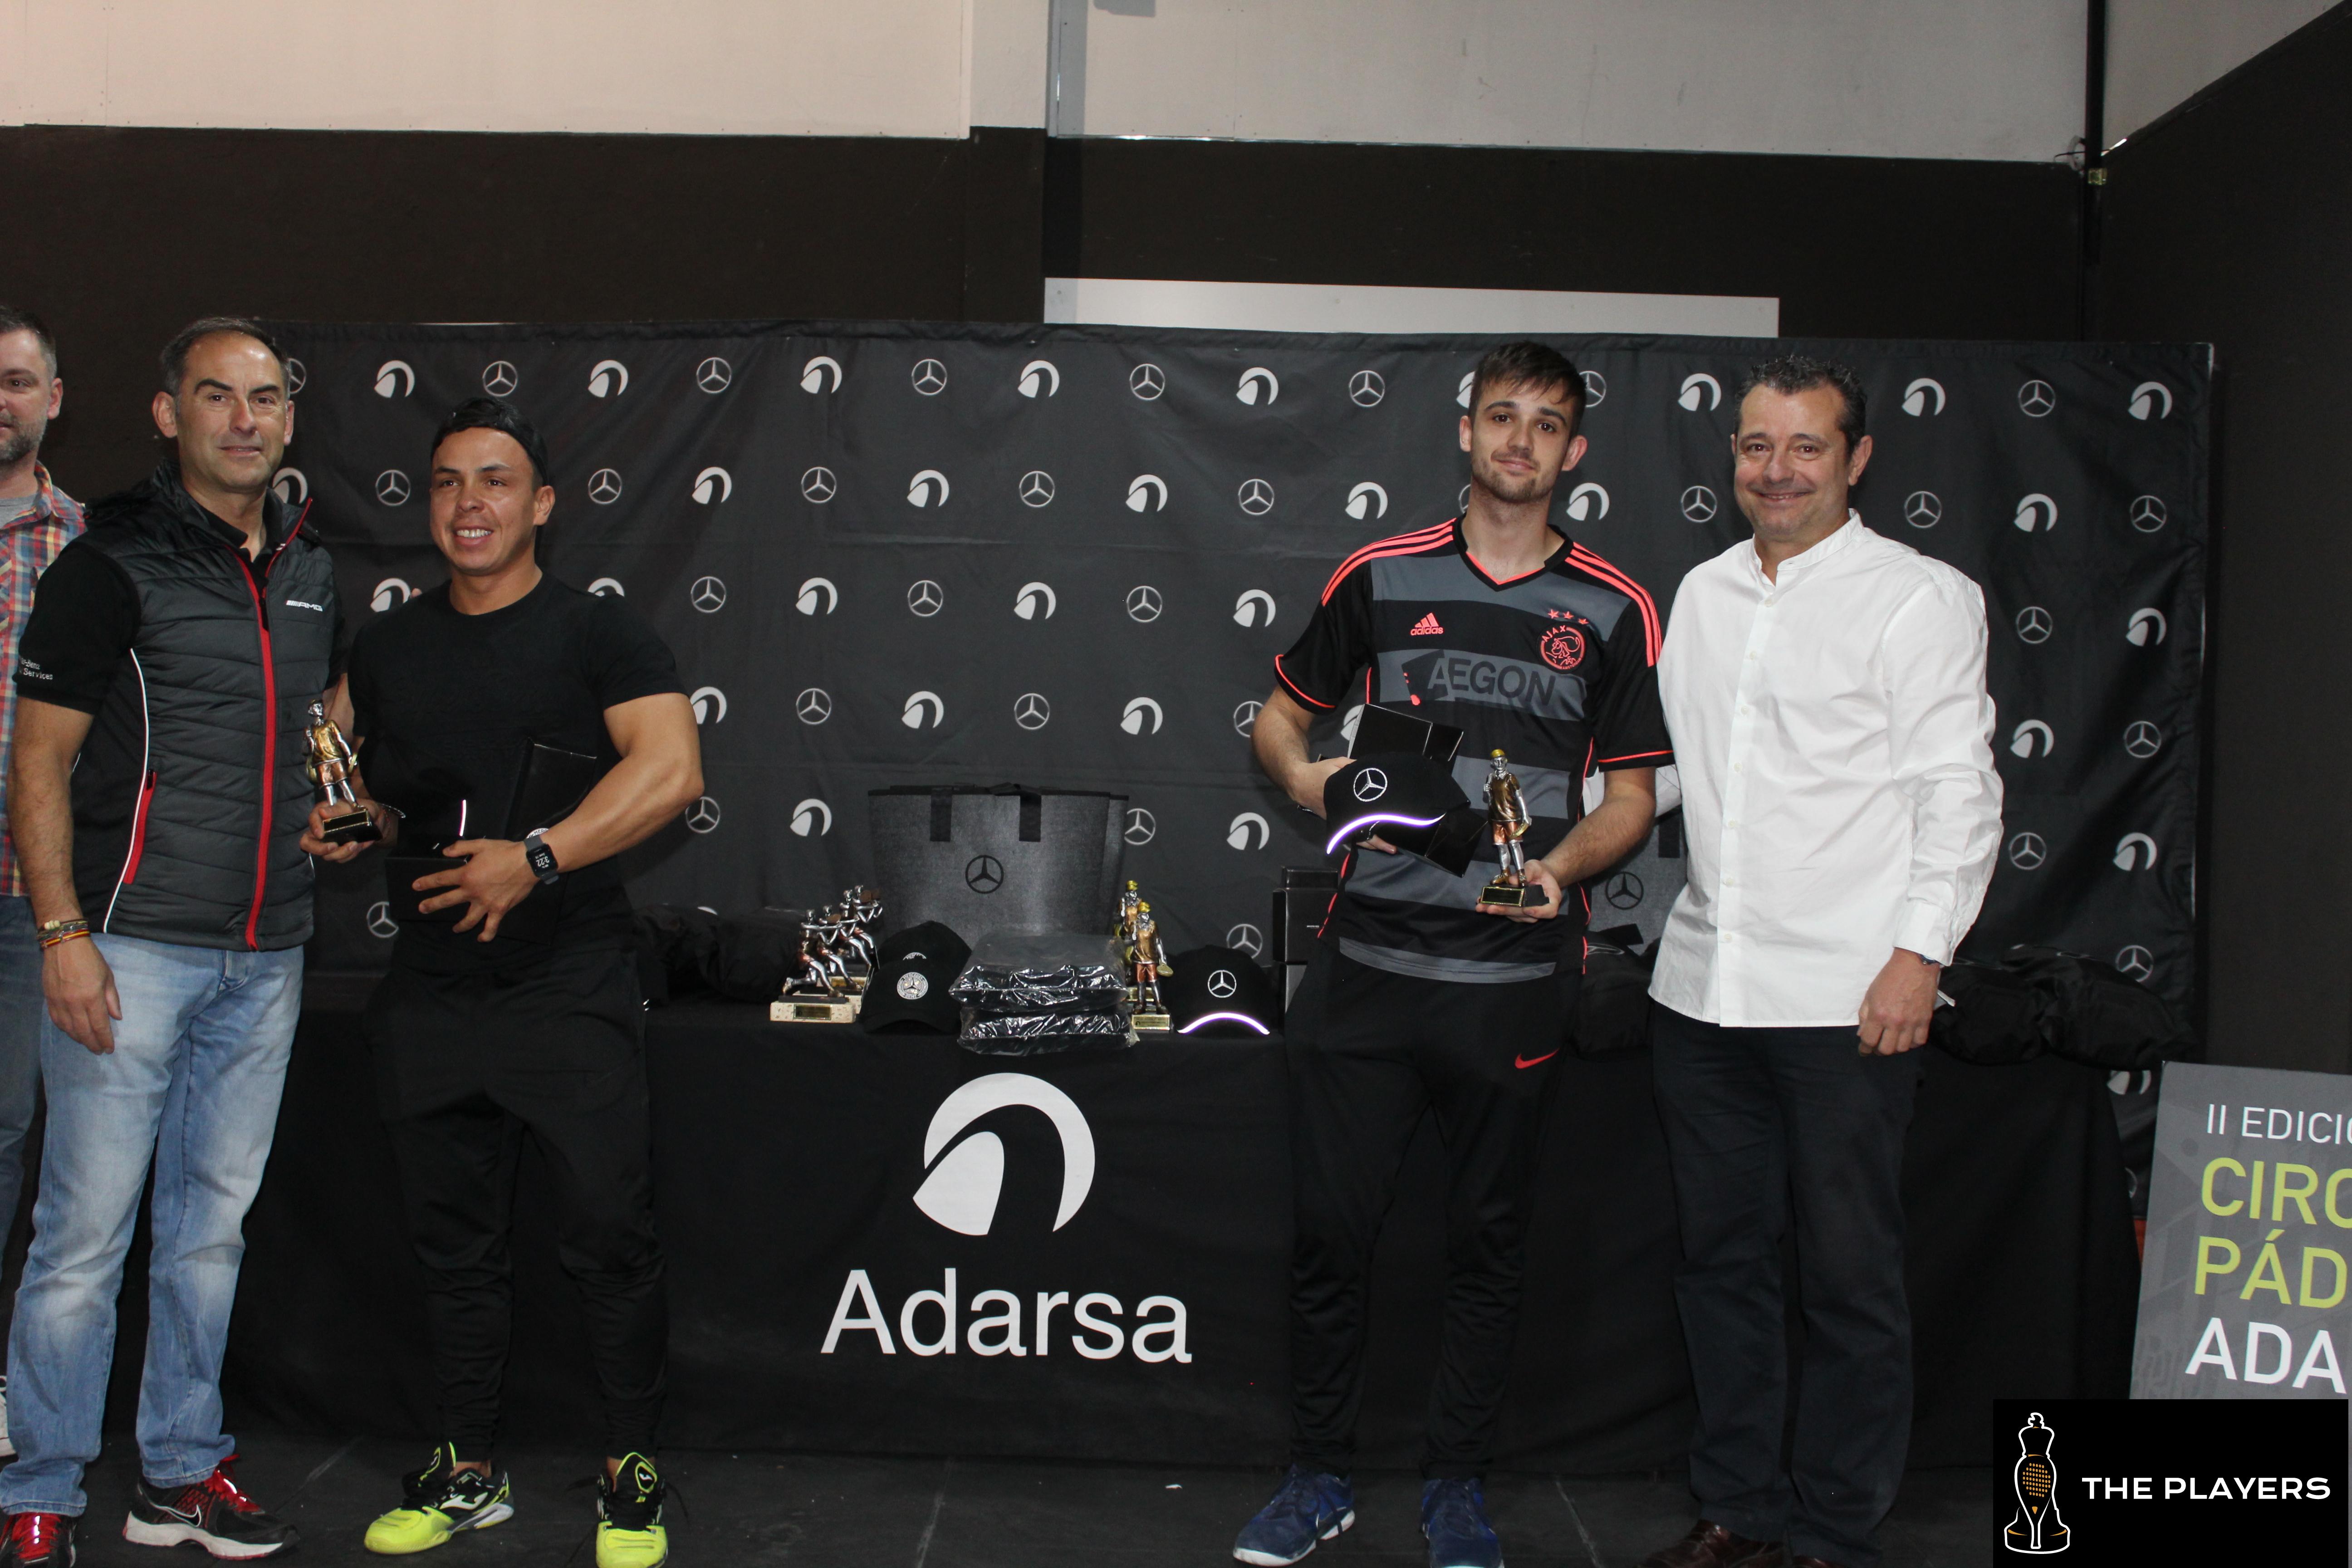 Galería de fotos  II Circuito de padel Adarsa en The Players | 16-19 mayo 2019